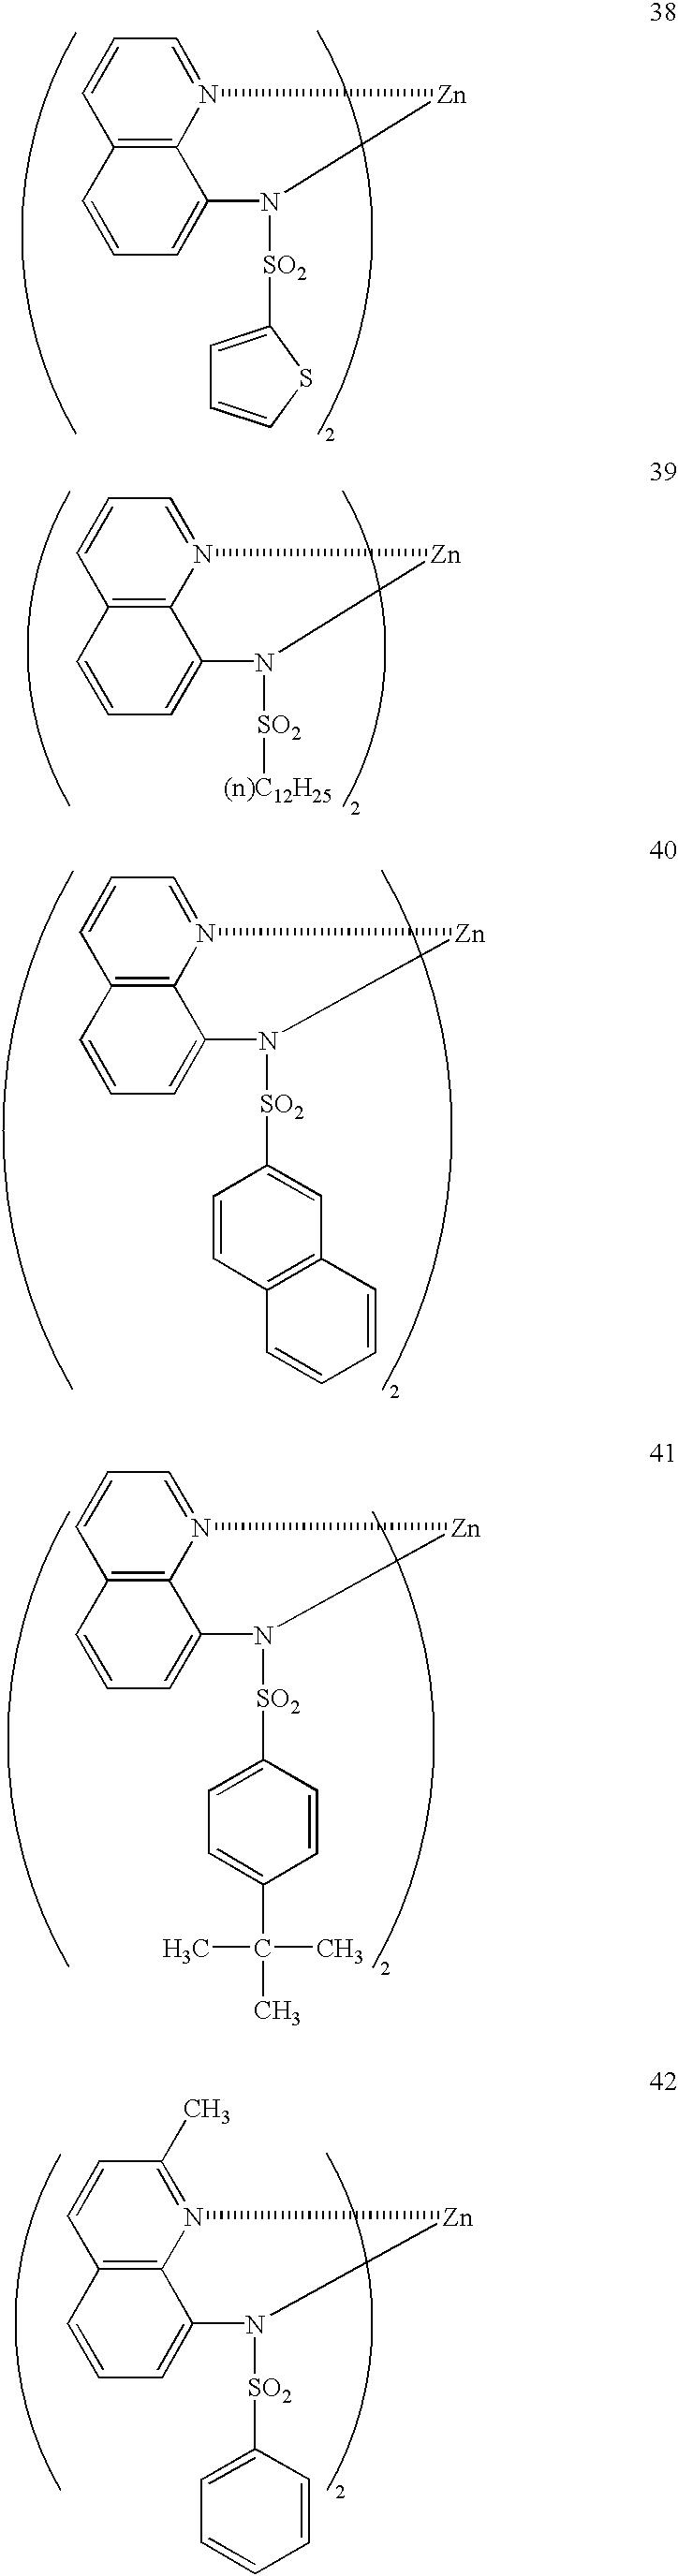 Figure US06528187-20030304-C00028